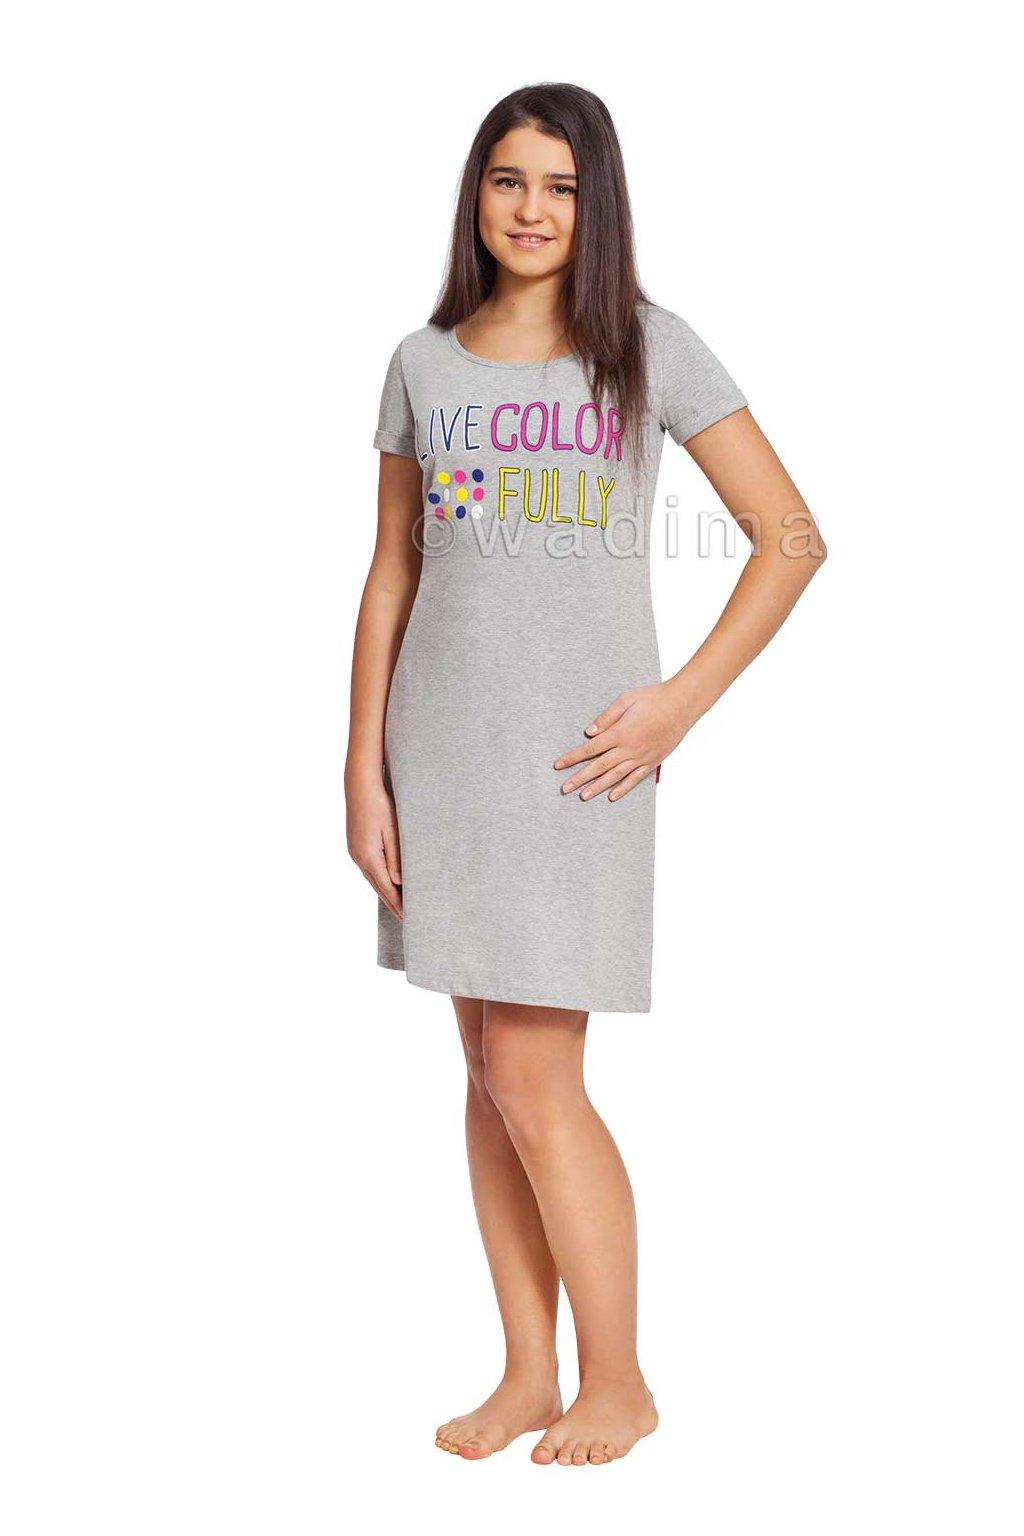 Dívčí noční košile s krátkým rukávem, 70459 36, šedá